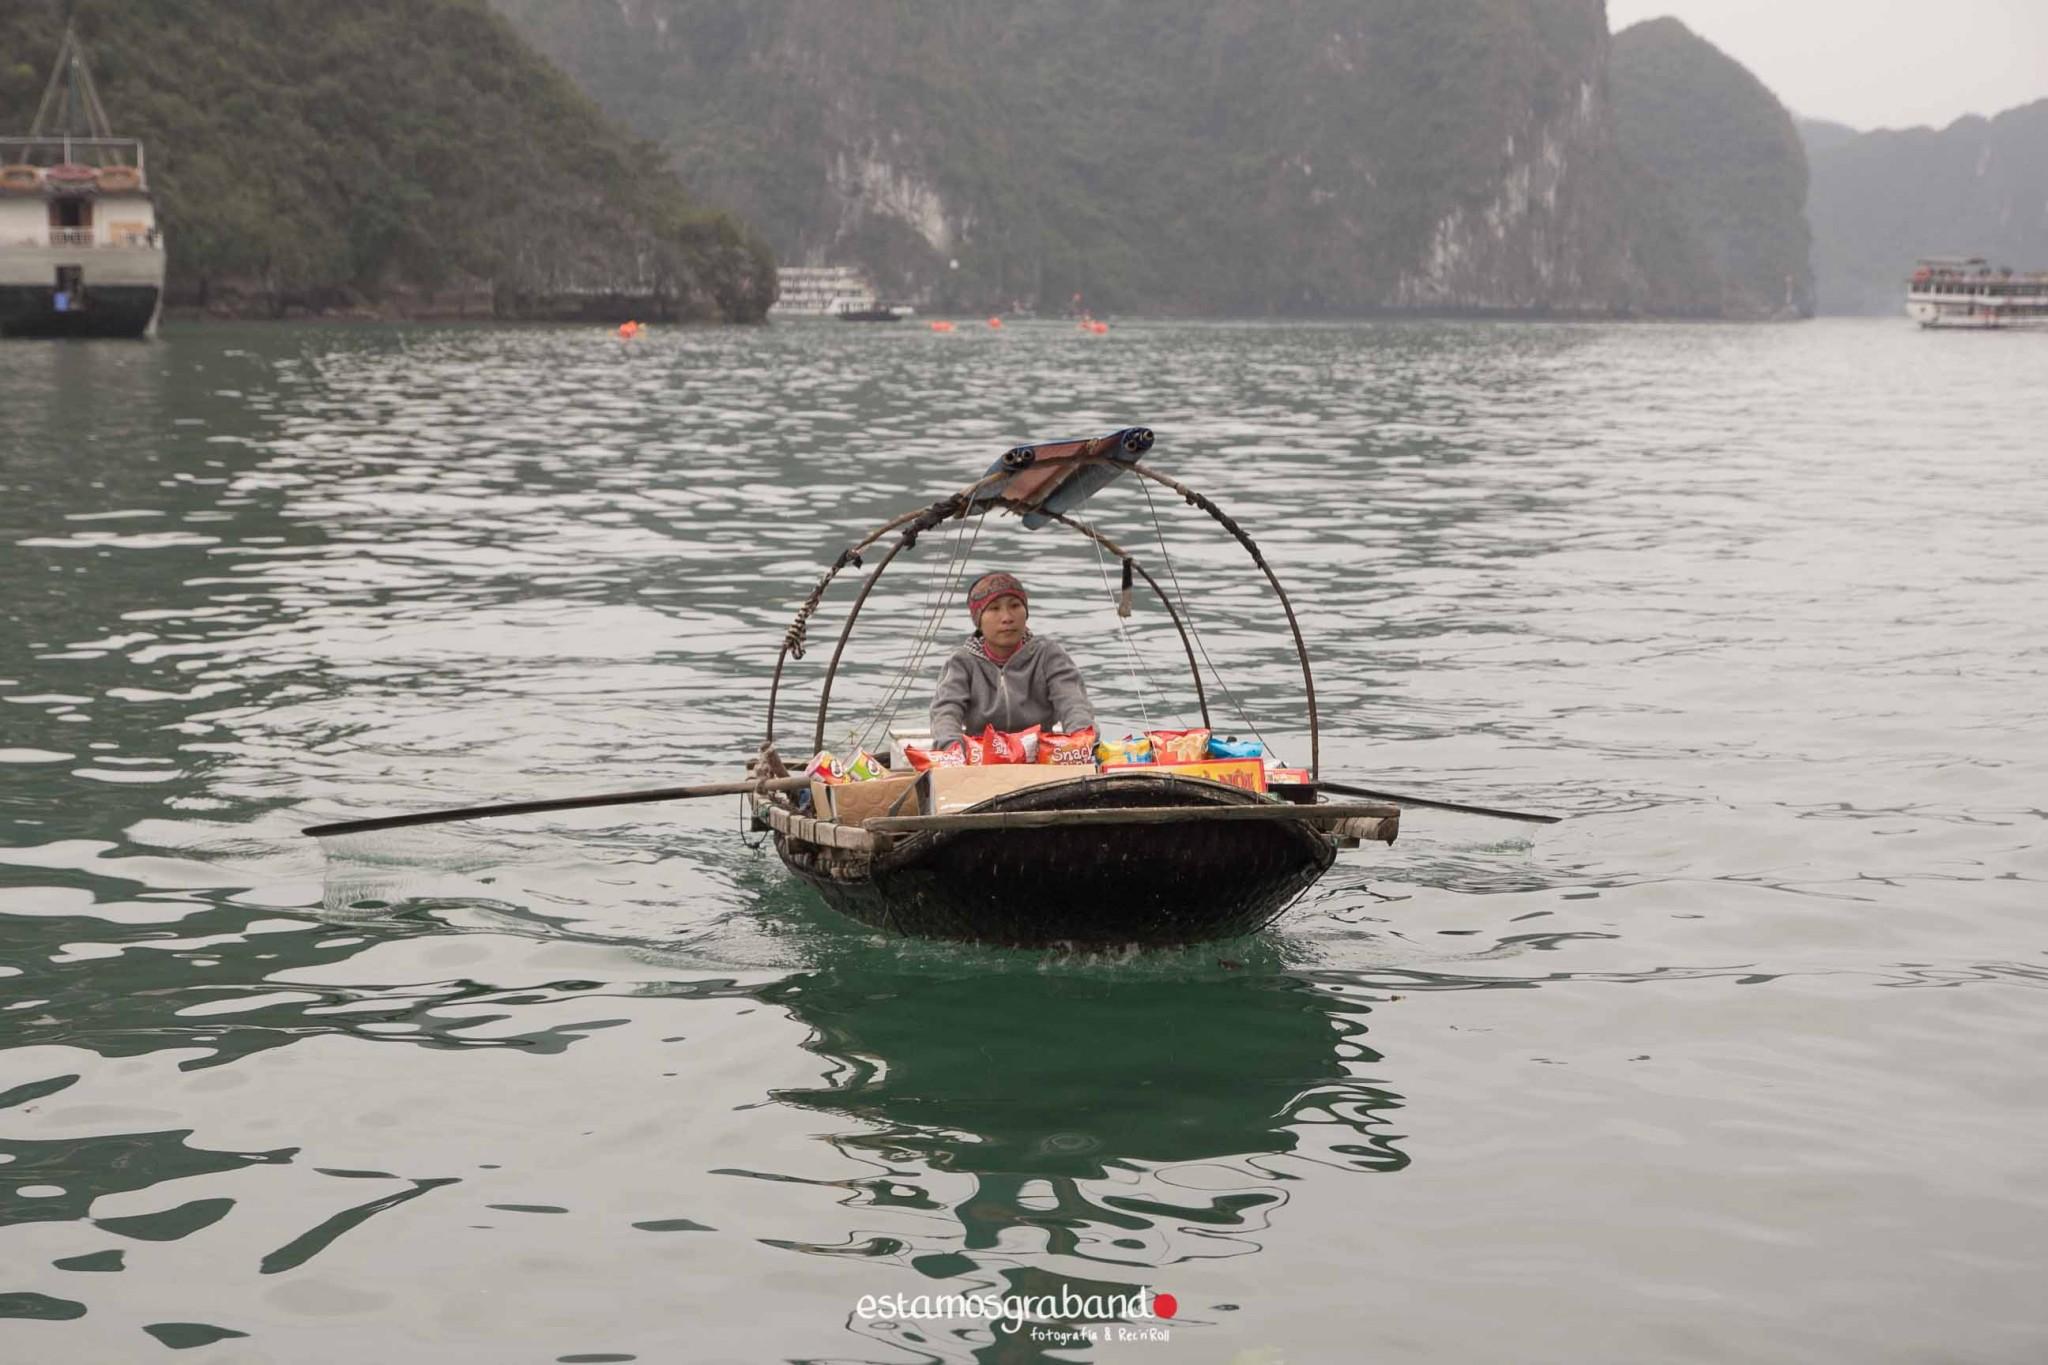 reportaje-vietnam_fotograficc81a-vietnam_estamosgrabando-vietnam_rutasvietnam_reportaje-retratos-fotos-vietnam_fotografia-vietnam_reportaje-estamosgrabando-fotograficc81a-vietnam-64 Pequeños grandes recuerdos de Vietnam en 100 imágenes - video boda cadiz